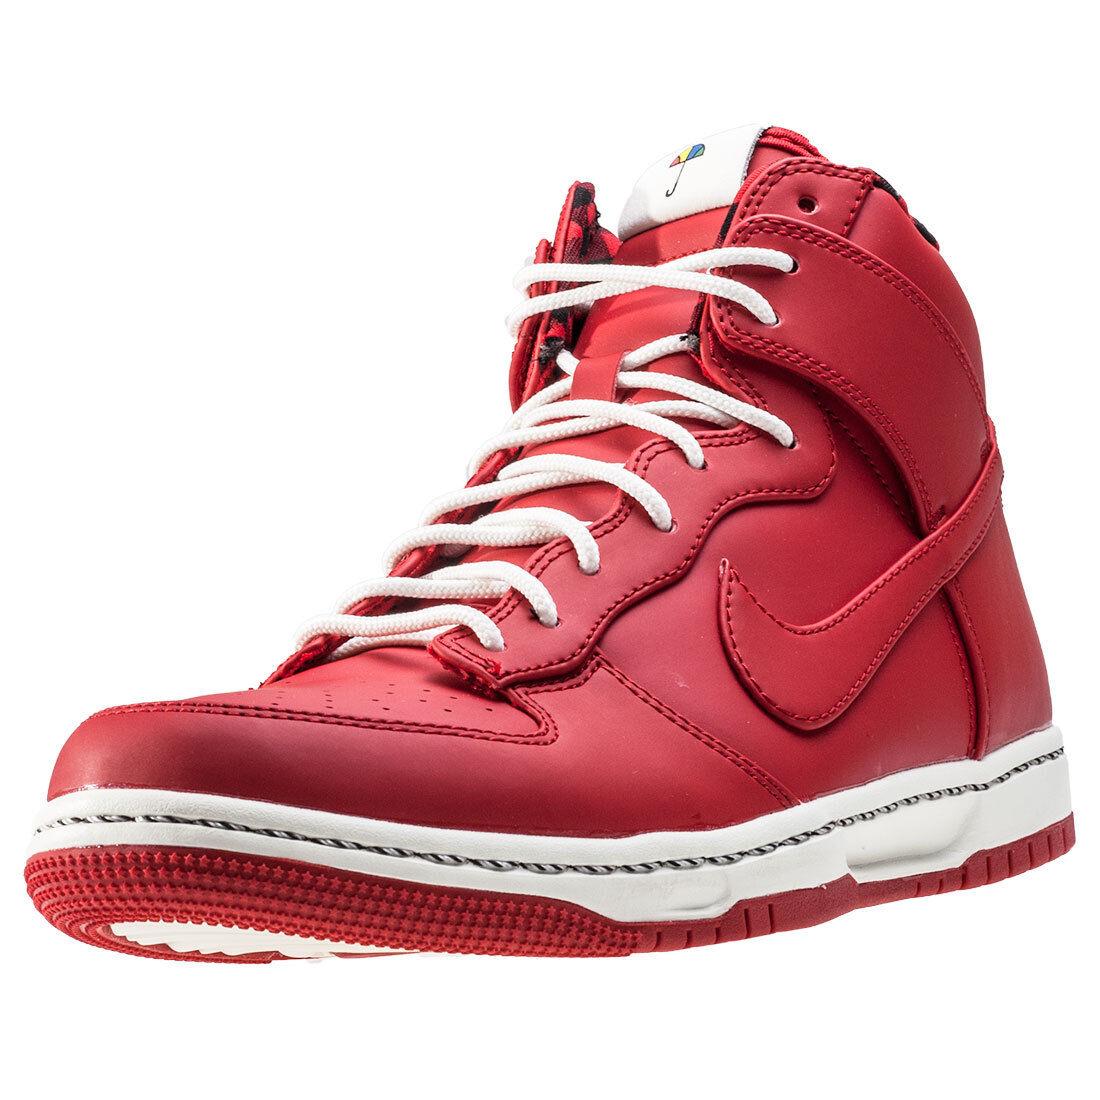 Para Hombre Nike Dunk Ultra Nuevo Sintético Rojo Zapatos Tenis Informales Nuevo Ultra Y En Caja Branded Calzado 19c4b5